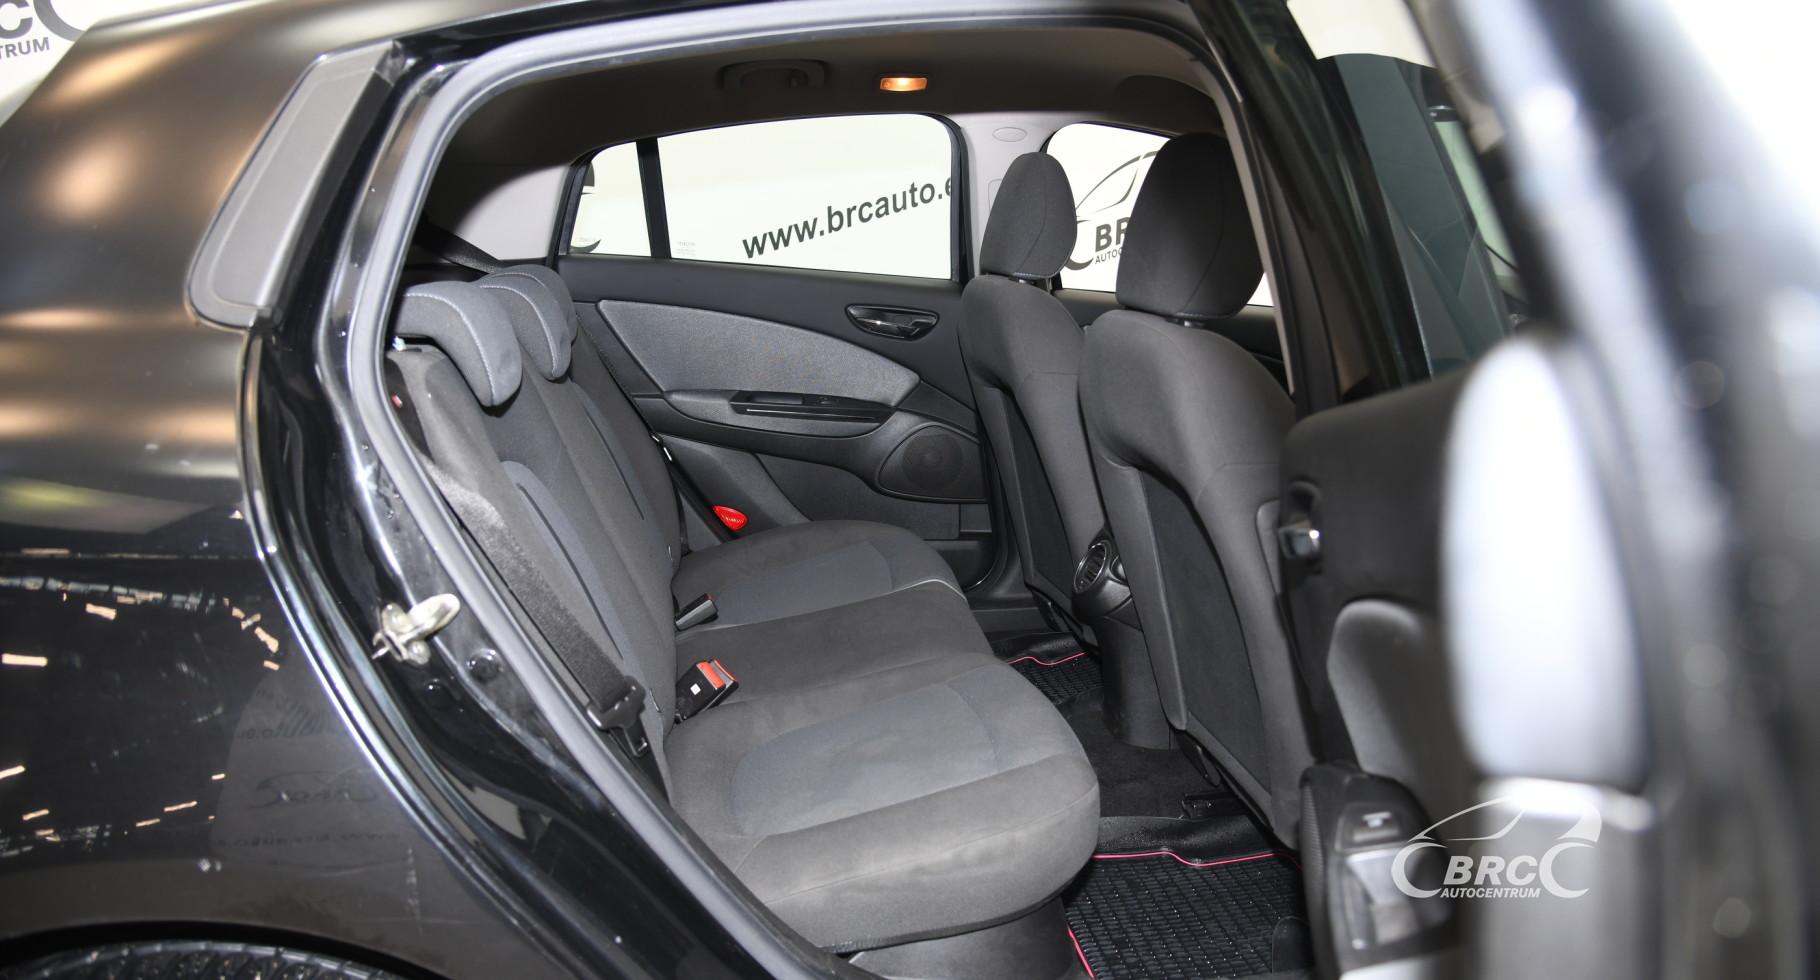 Fiat Bravo 1.9 Multijet